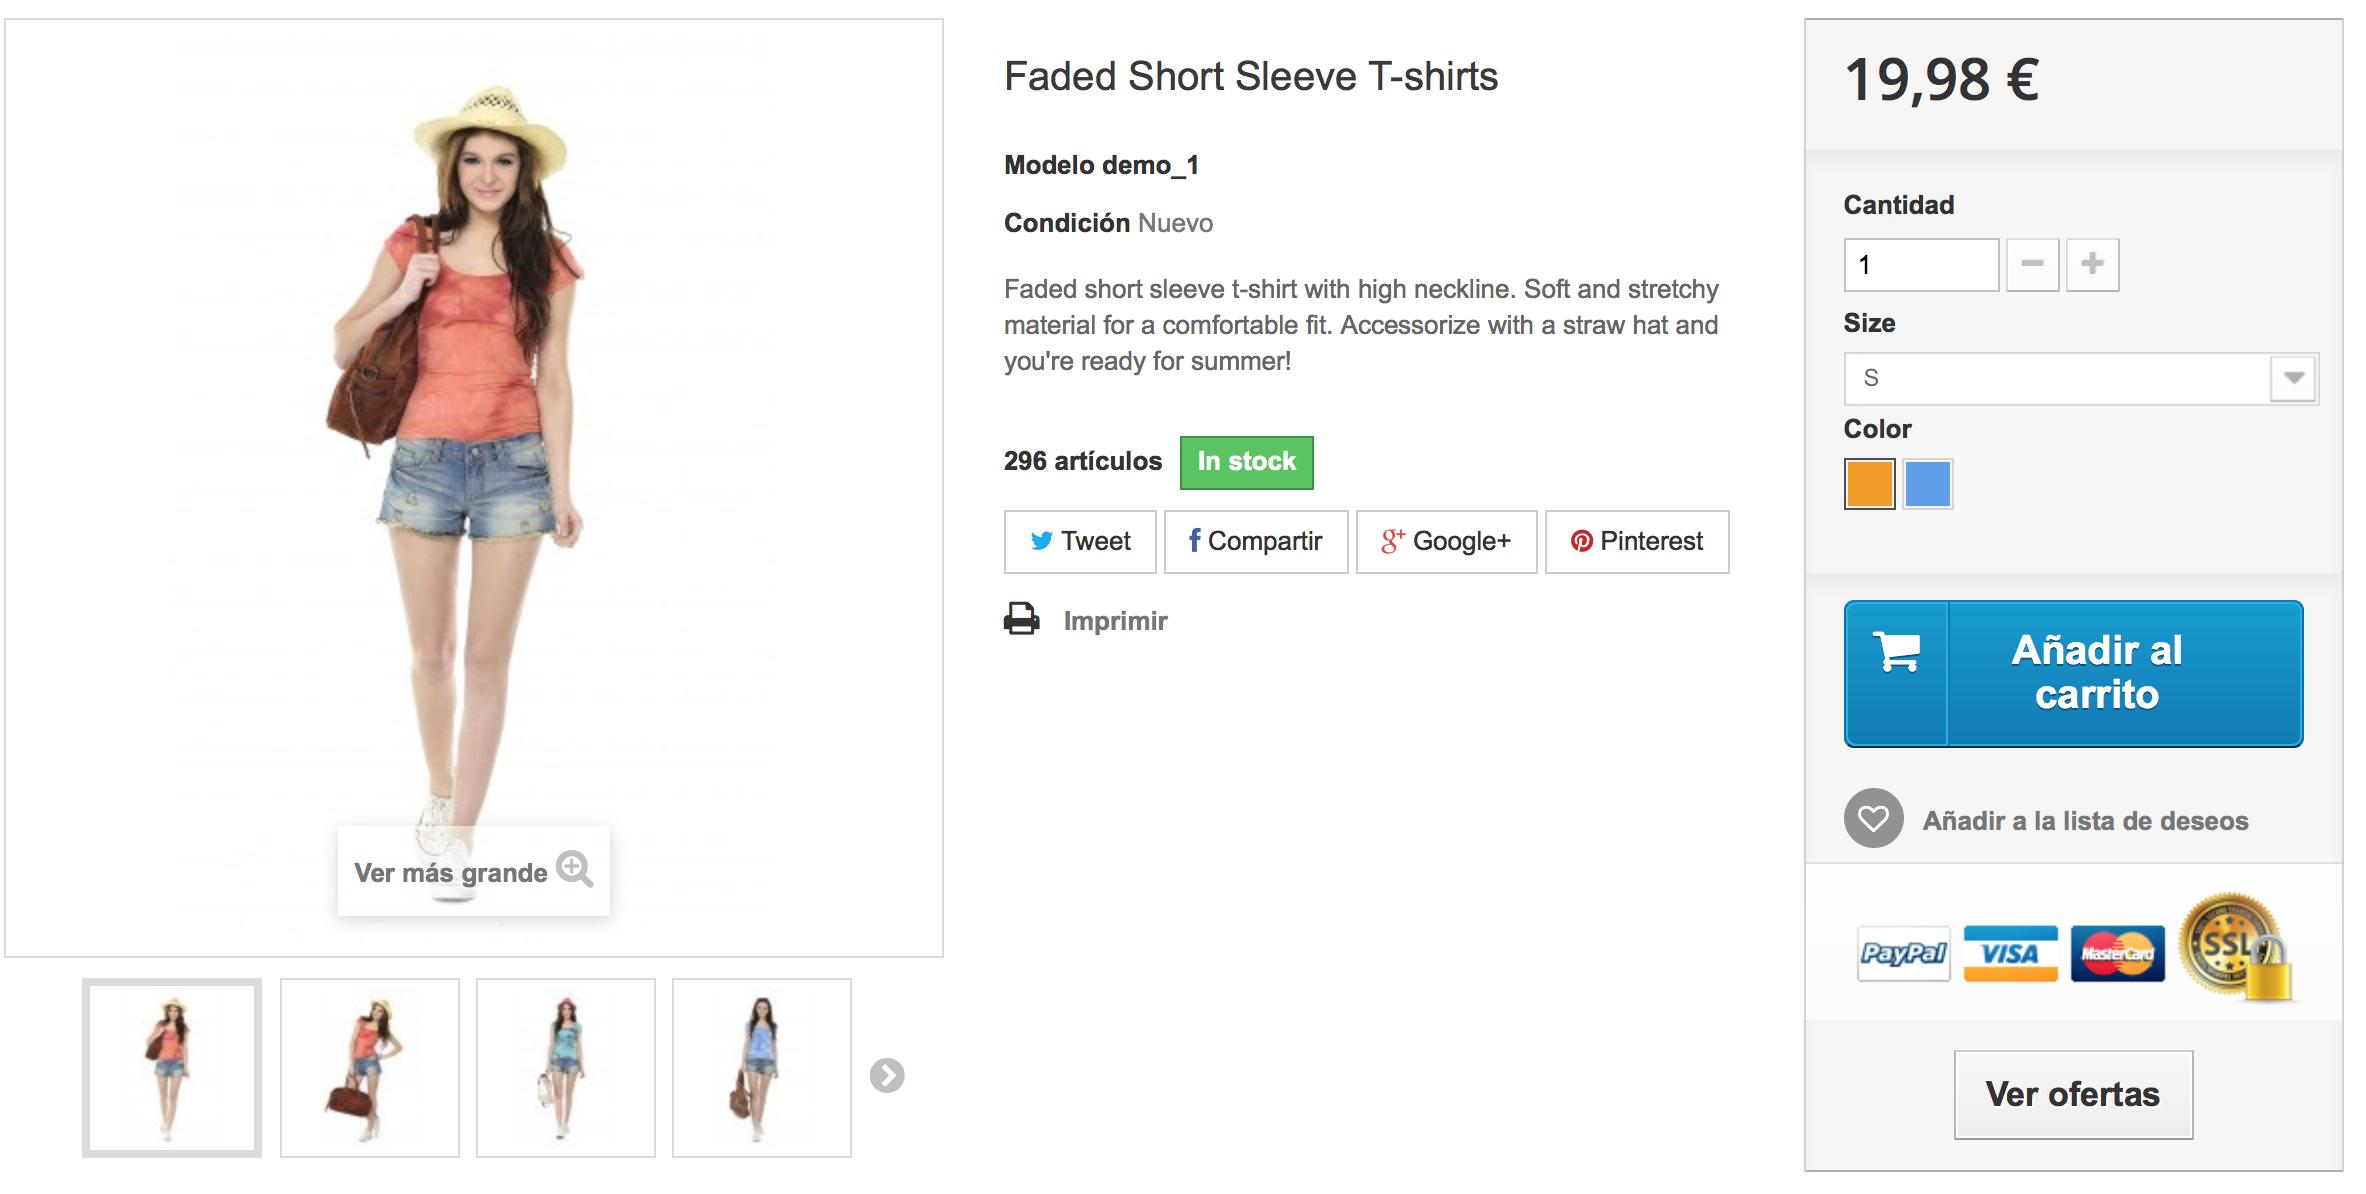 el cliente verá la oferta 2x1 en la pagina del producto